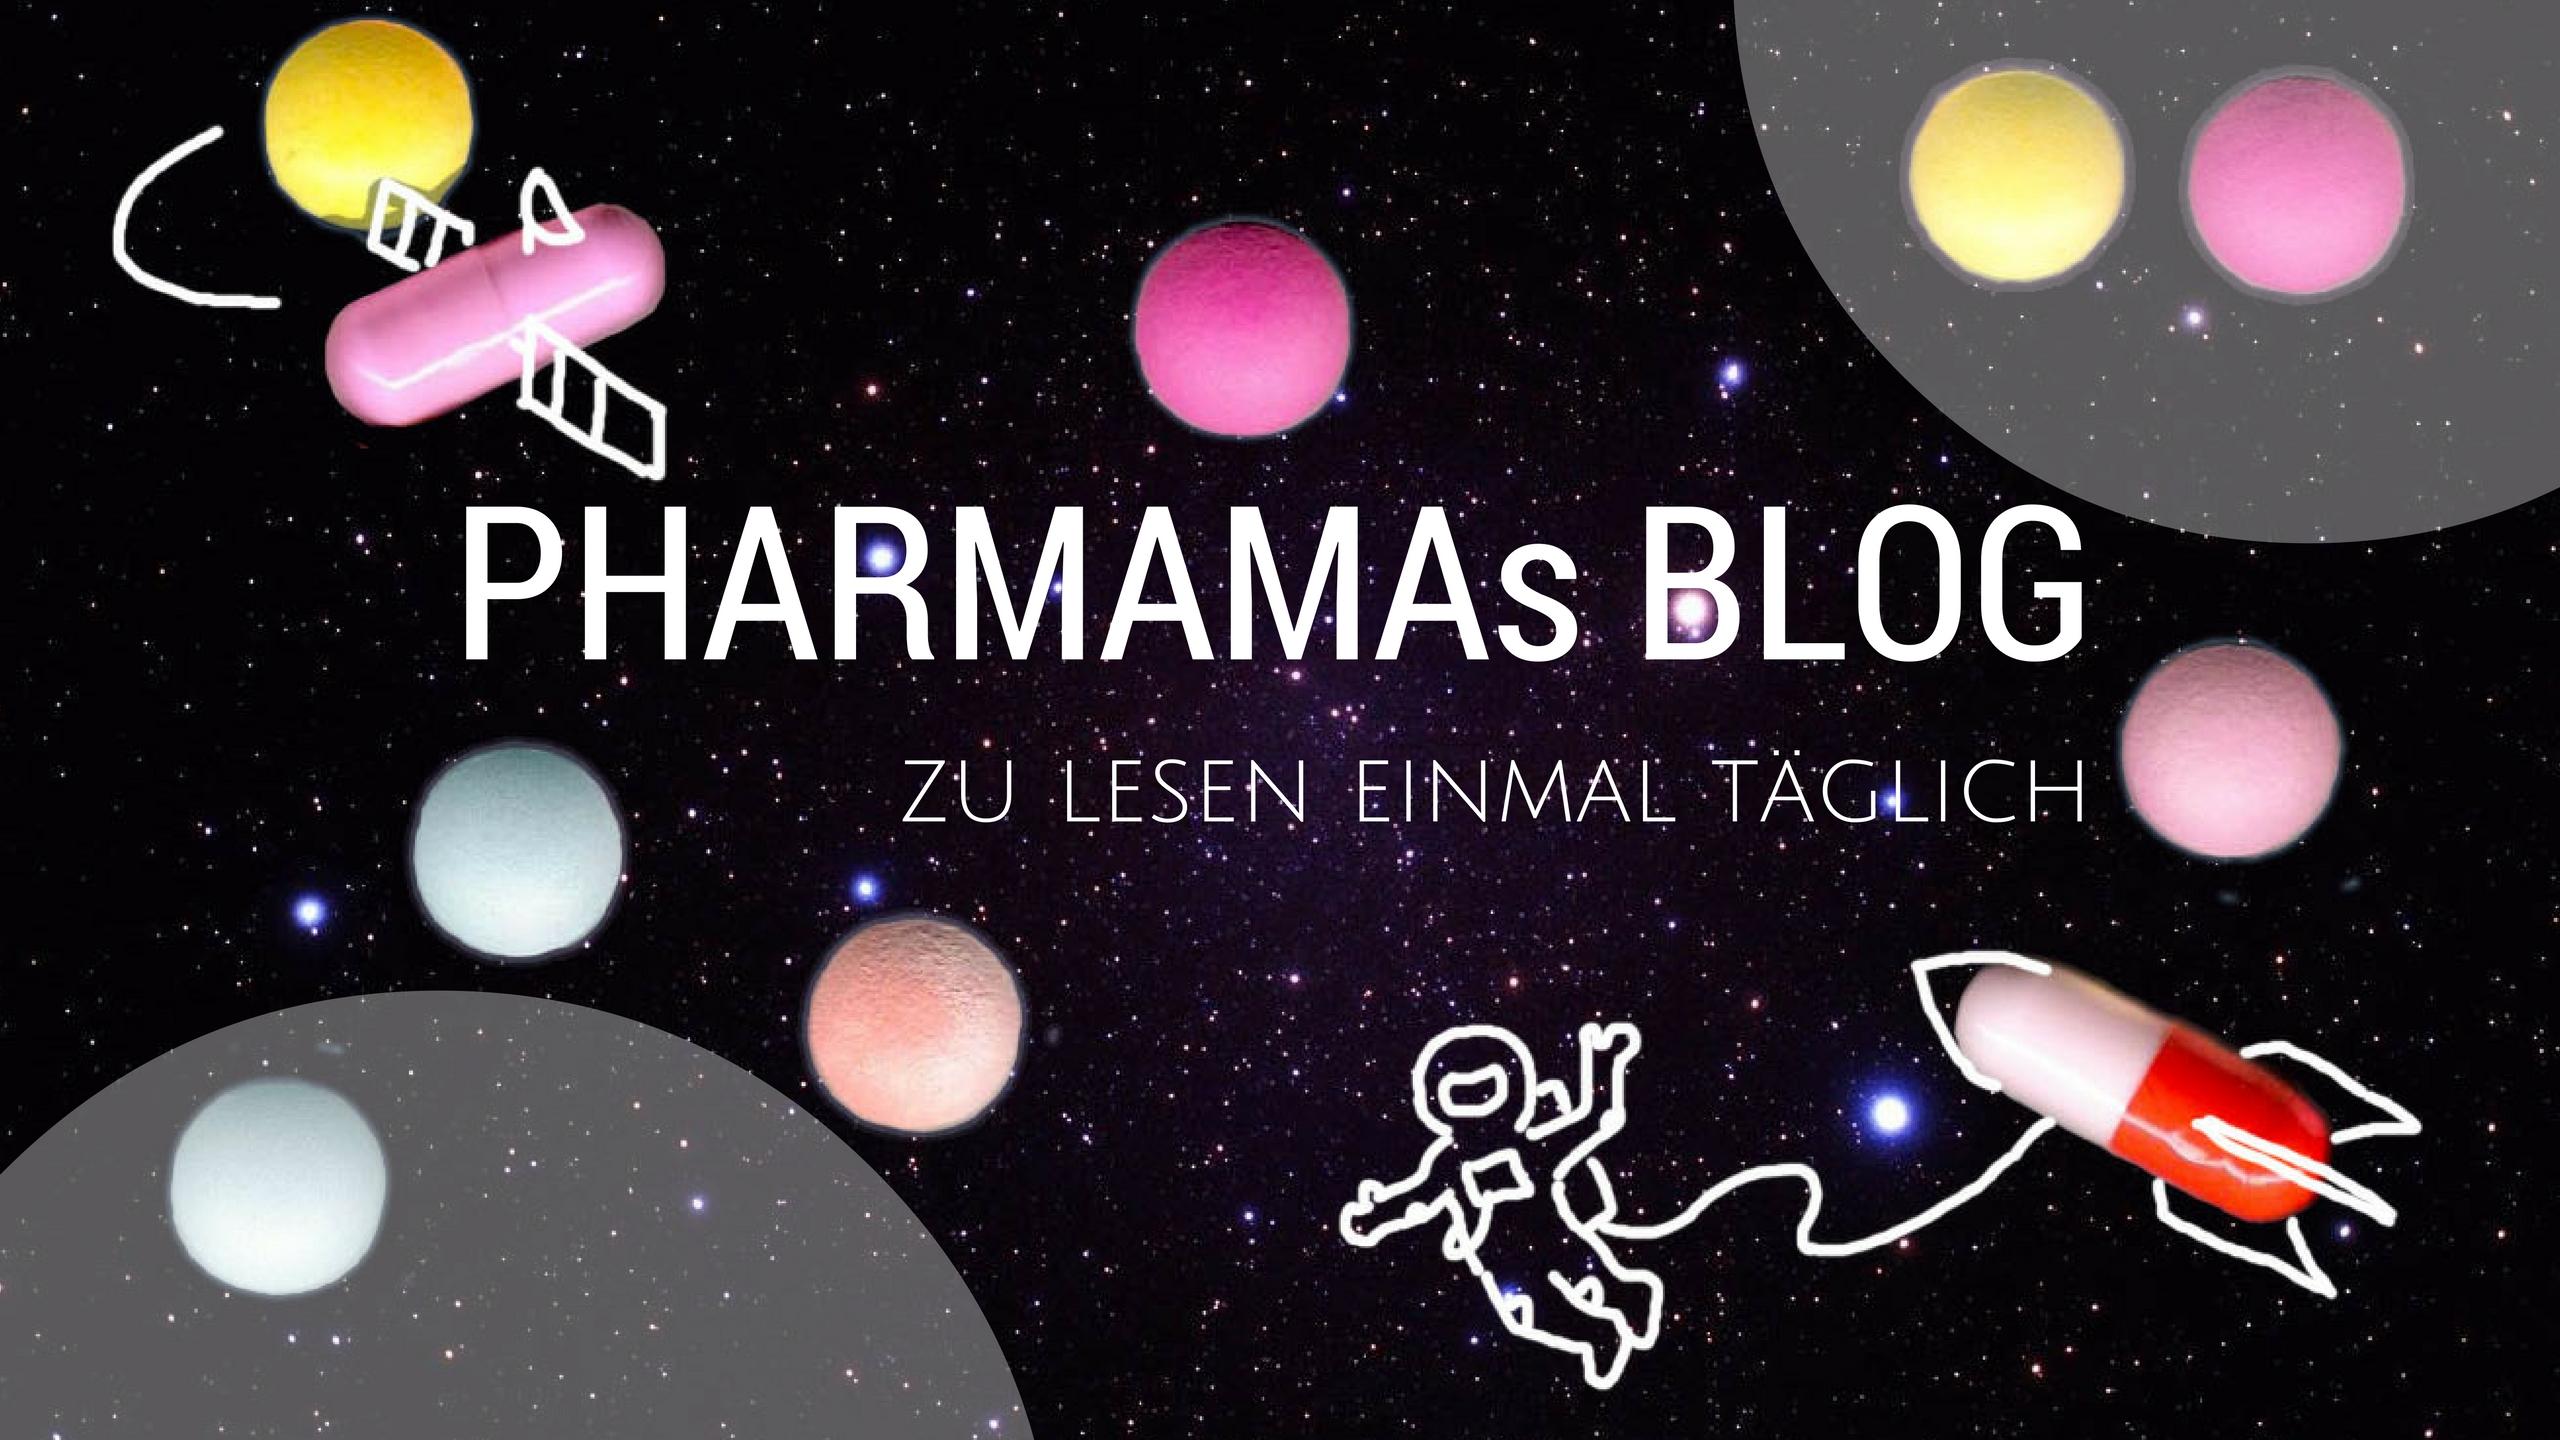 pharmamas-blog-kopie